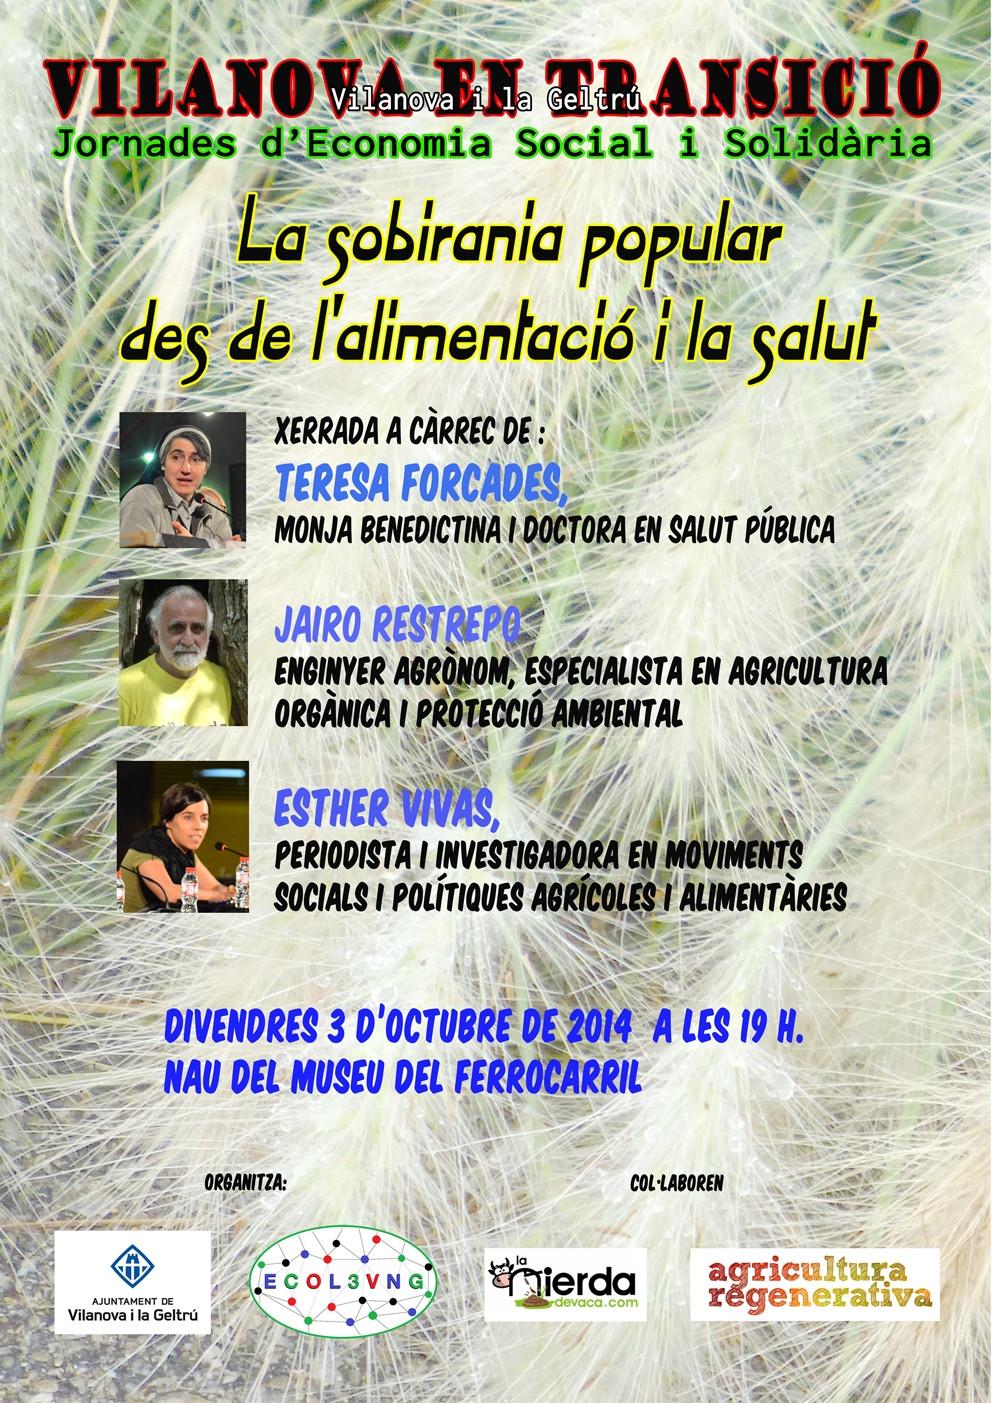 Jornades_economia_social_i_solidària_-acte_3_octubre.JPG